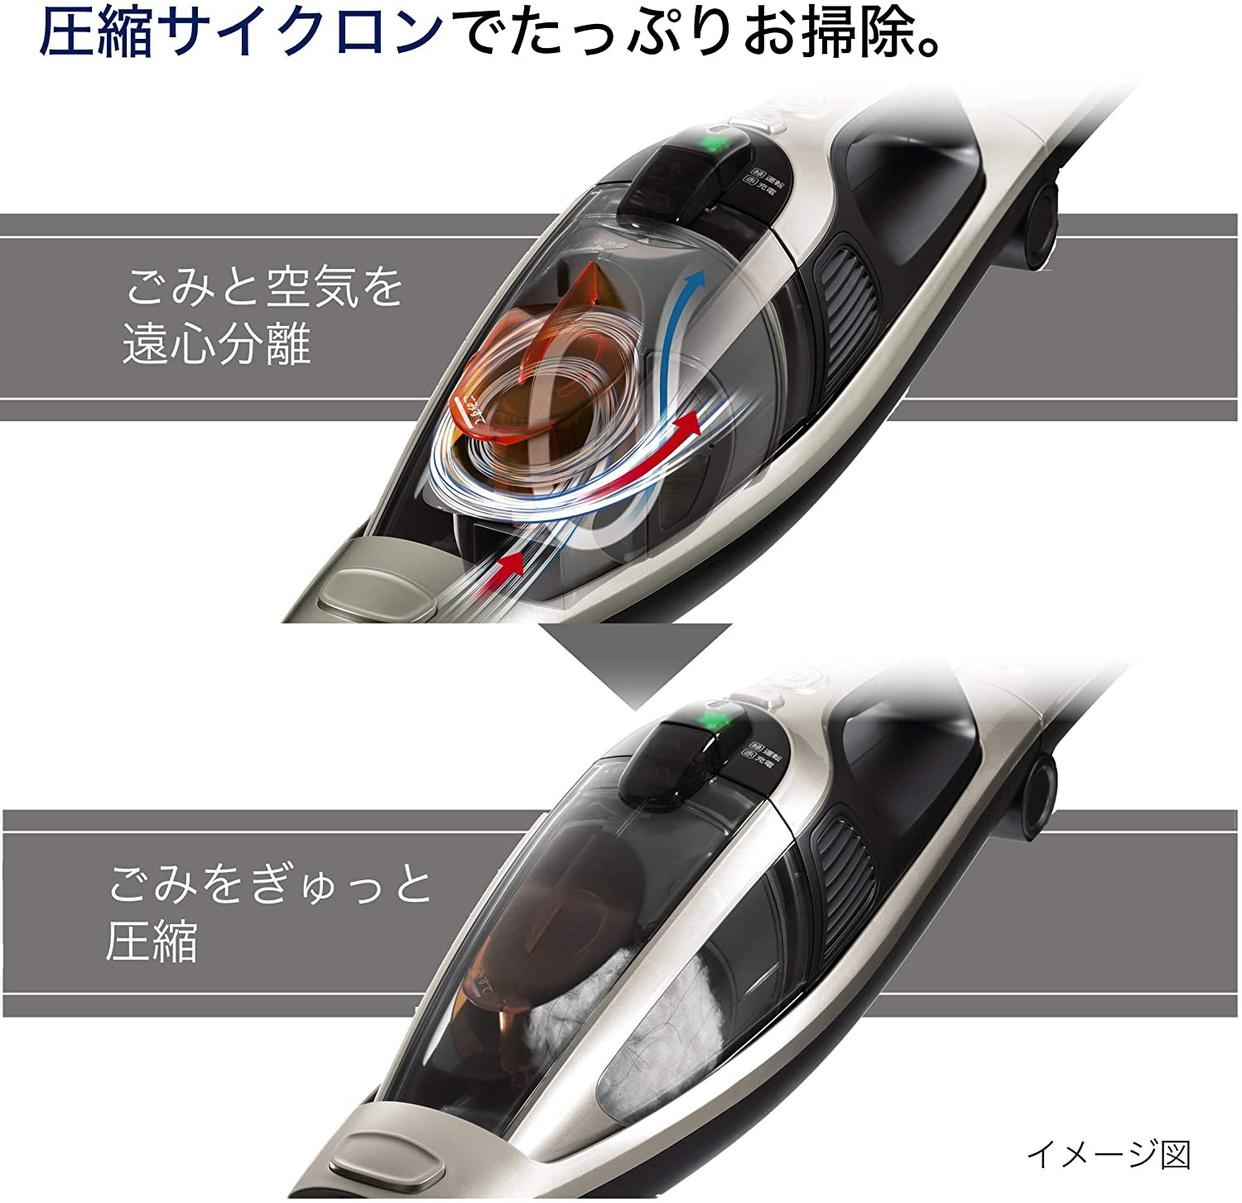 日立(HITACHI) スティッククリーナー(コードレス式) PV-B200Gの商品画像3